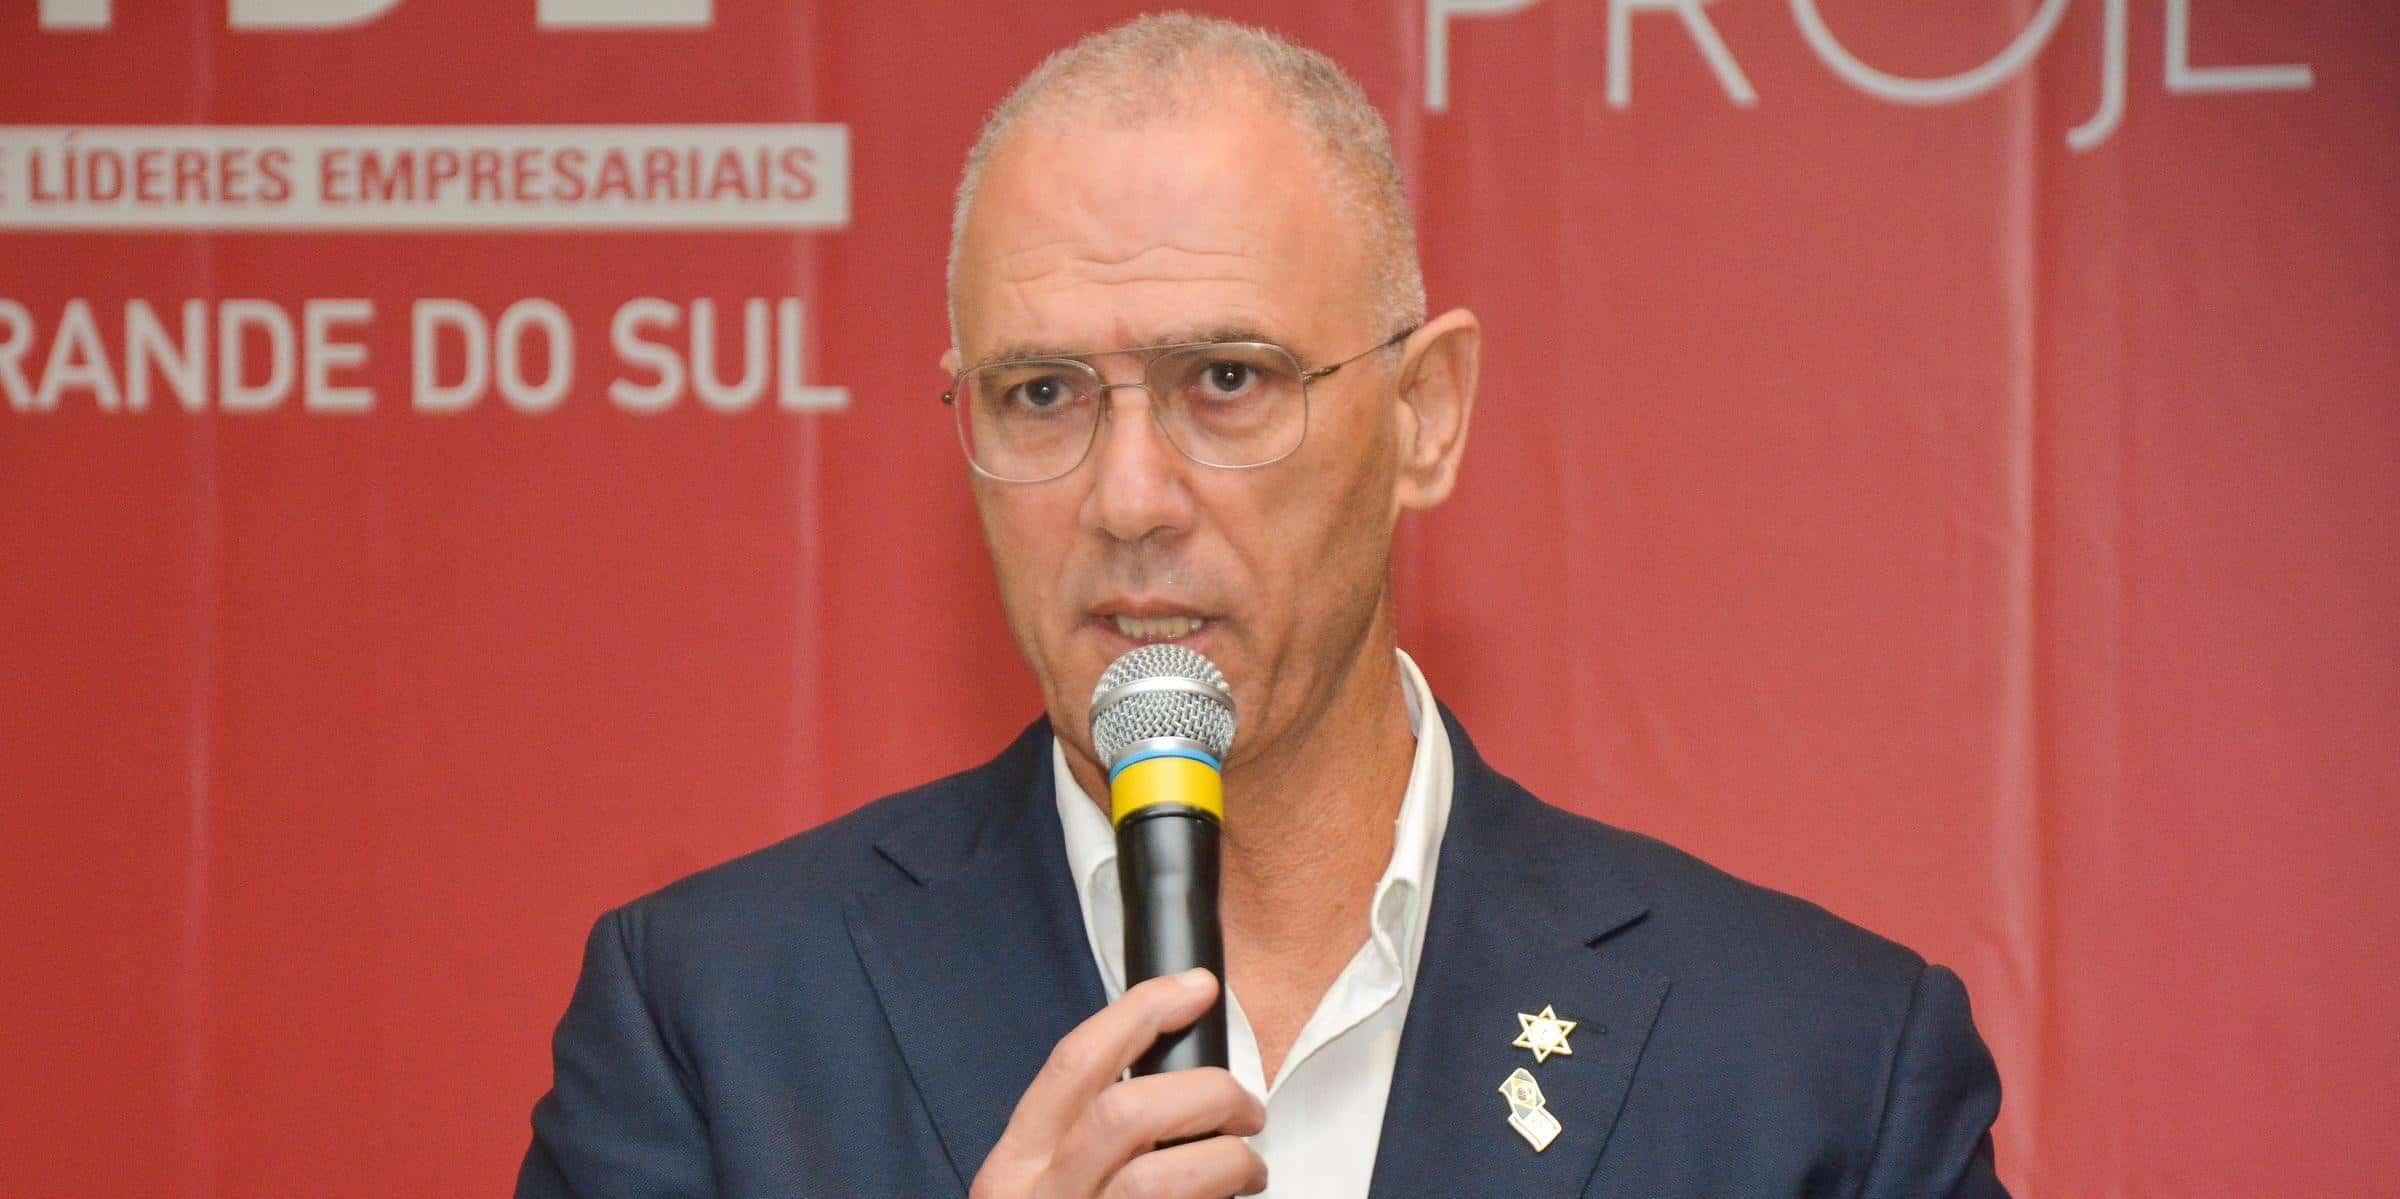 Tecnologia e inovação de Israel podem contribuir com agronegócio, diz embaixador